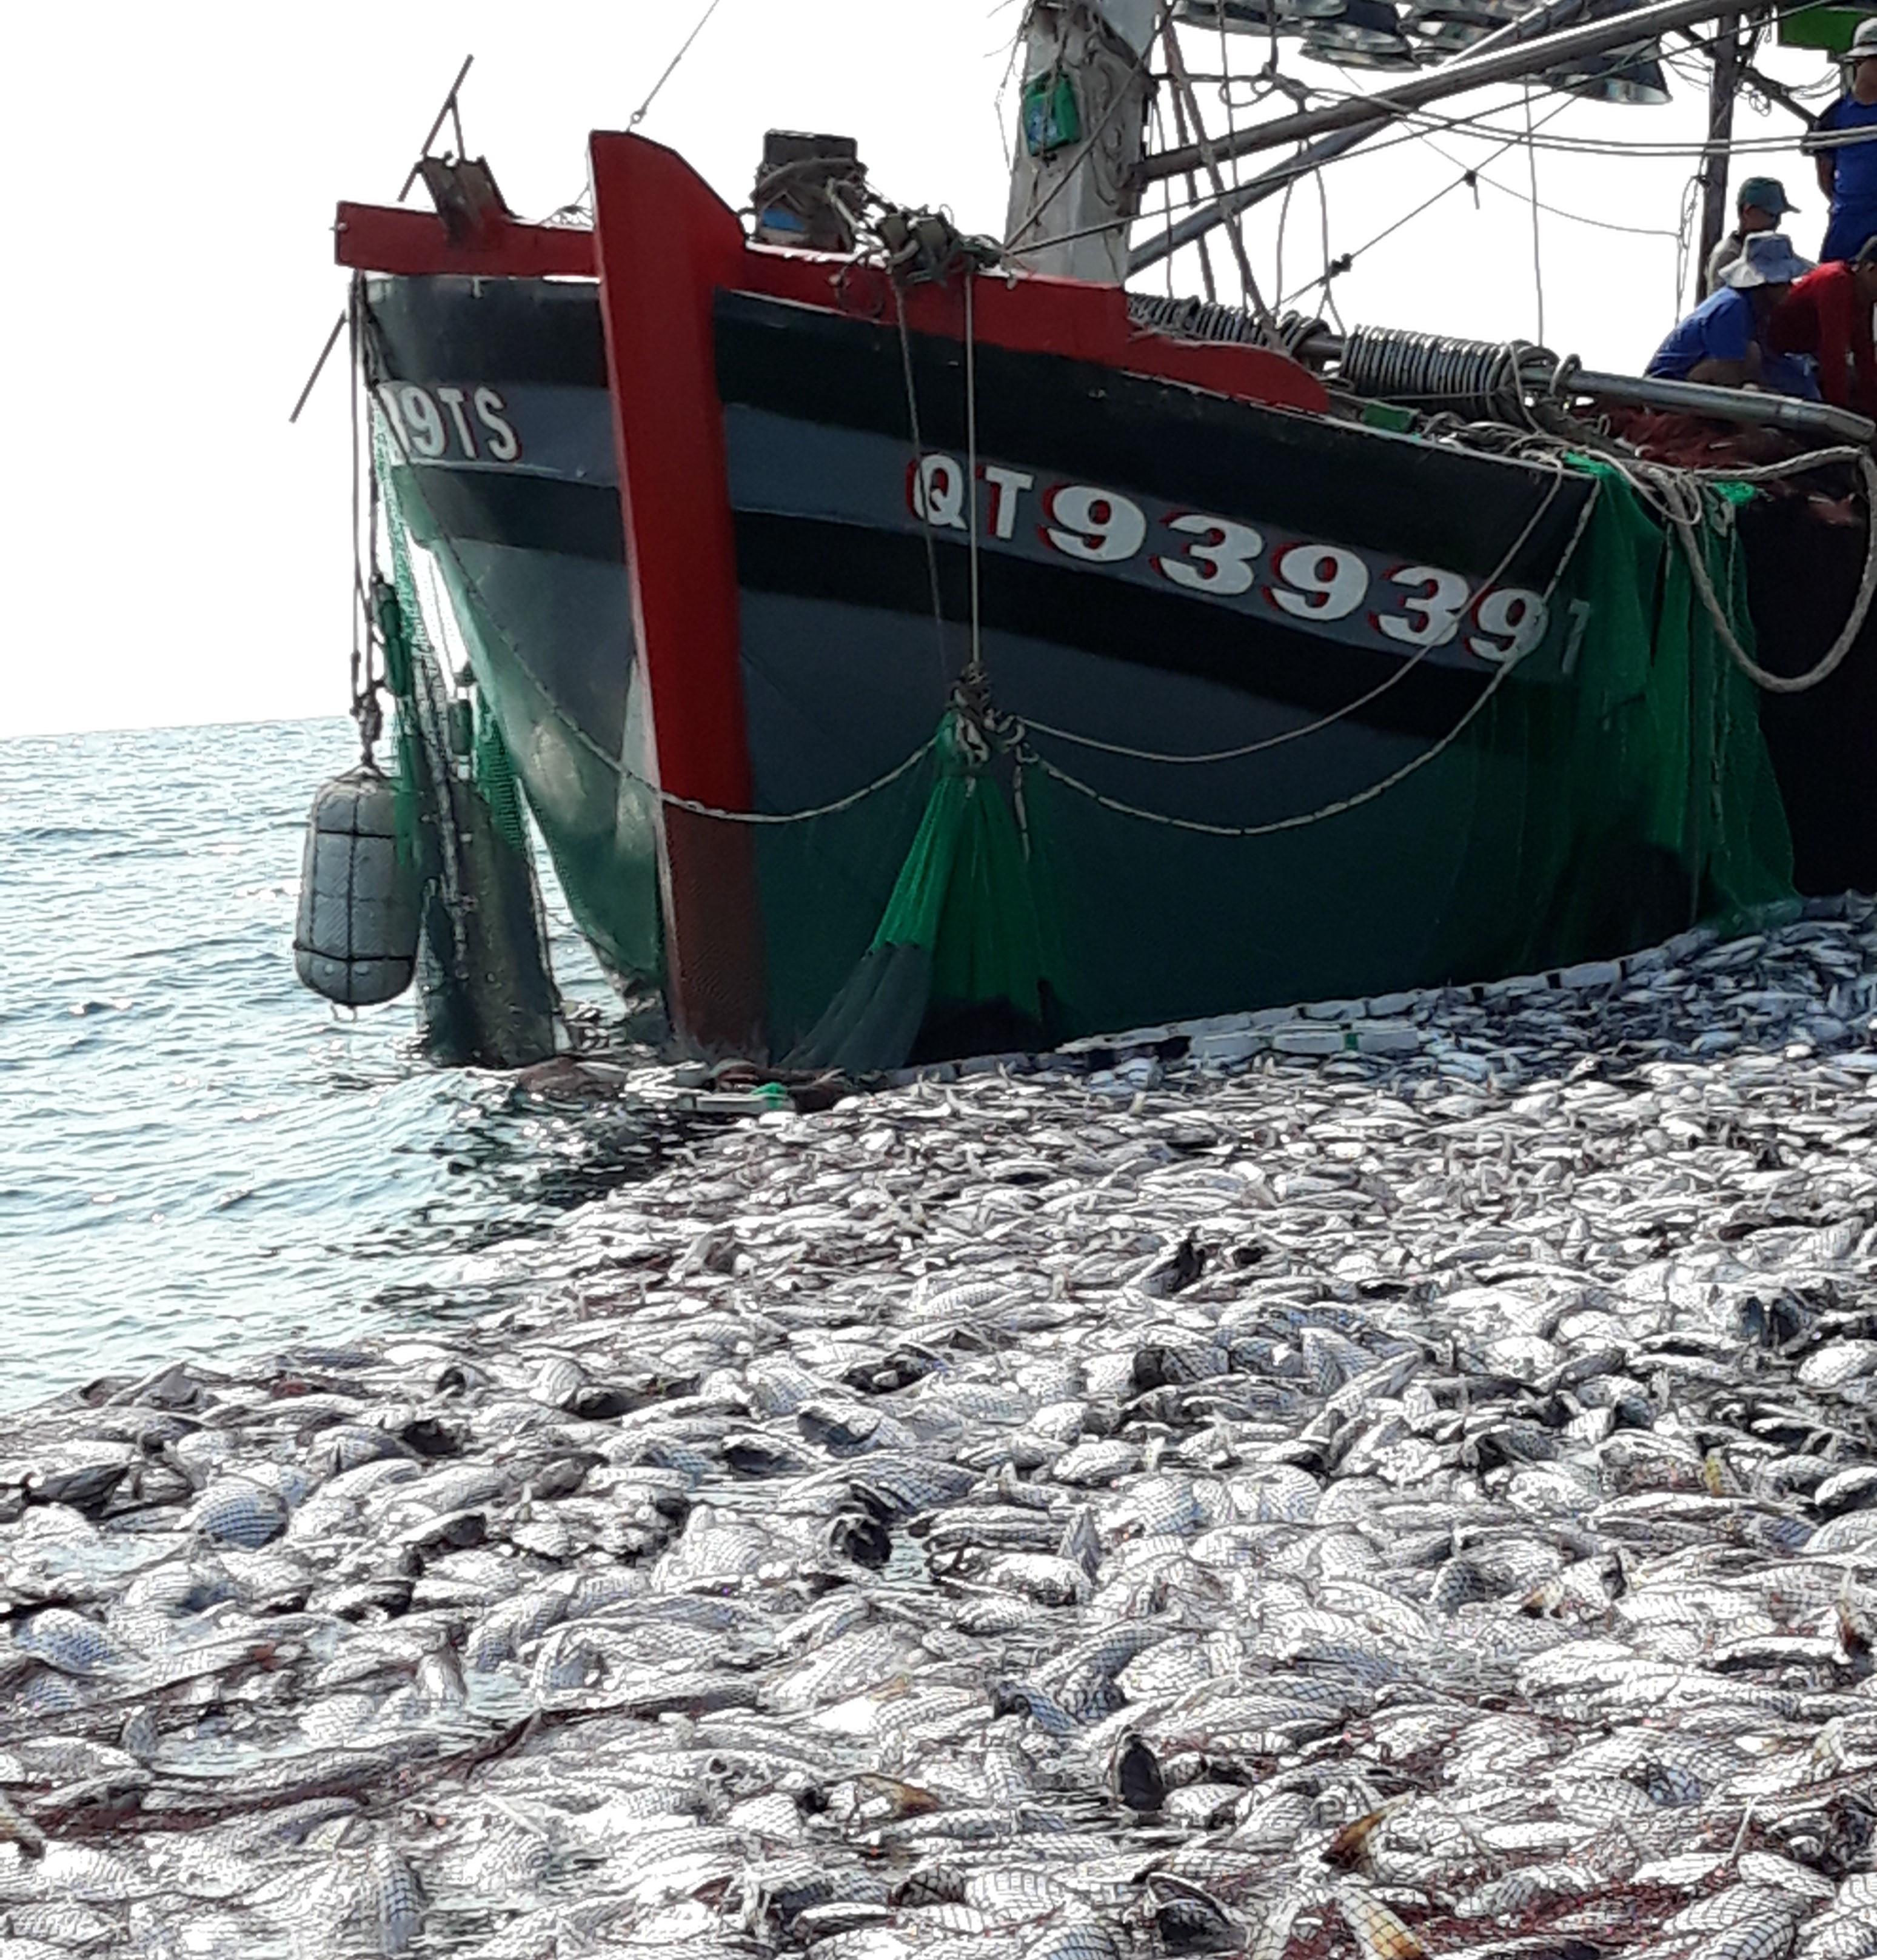 Cận cảnh mẻ cá 120 tấn trên biển, cả chục ngàn con chờ đánh bắt Ảnh 4